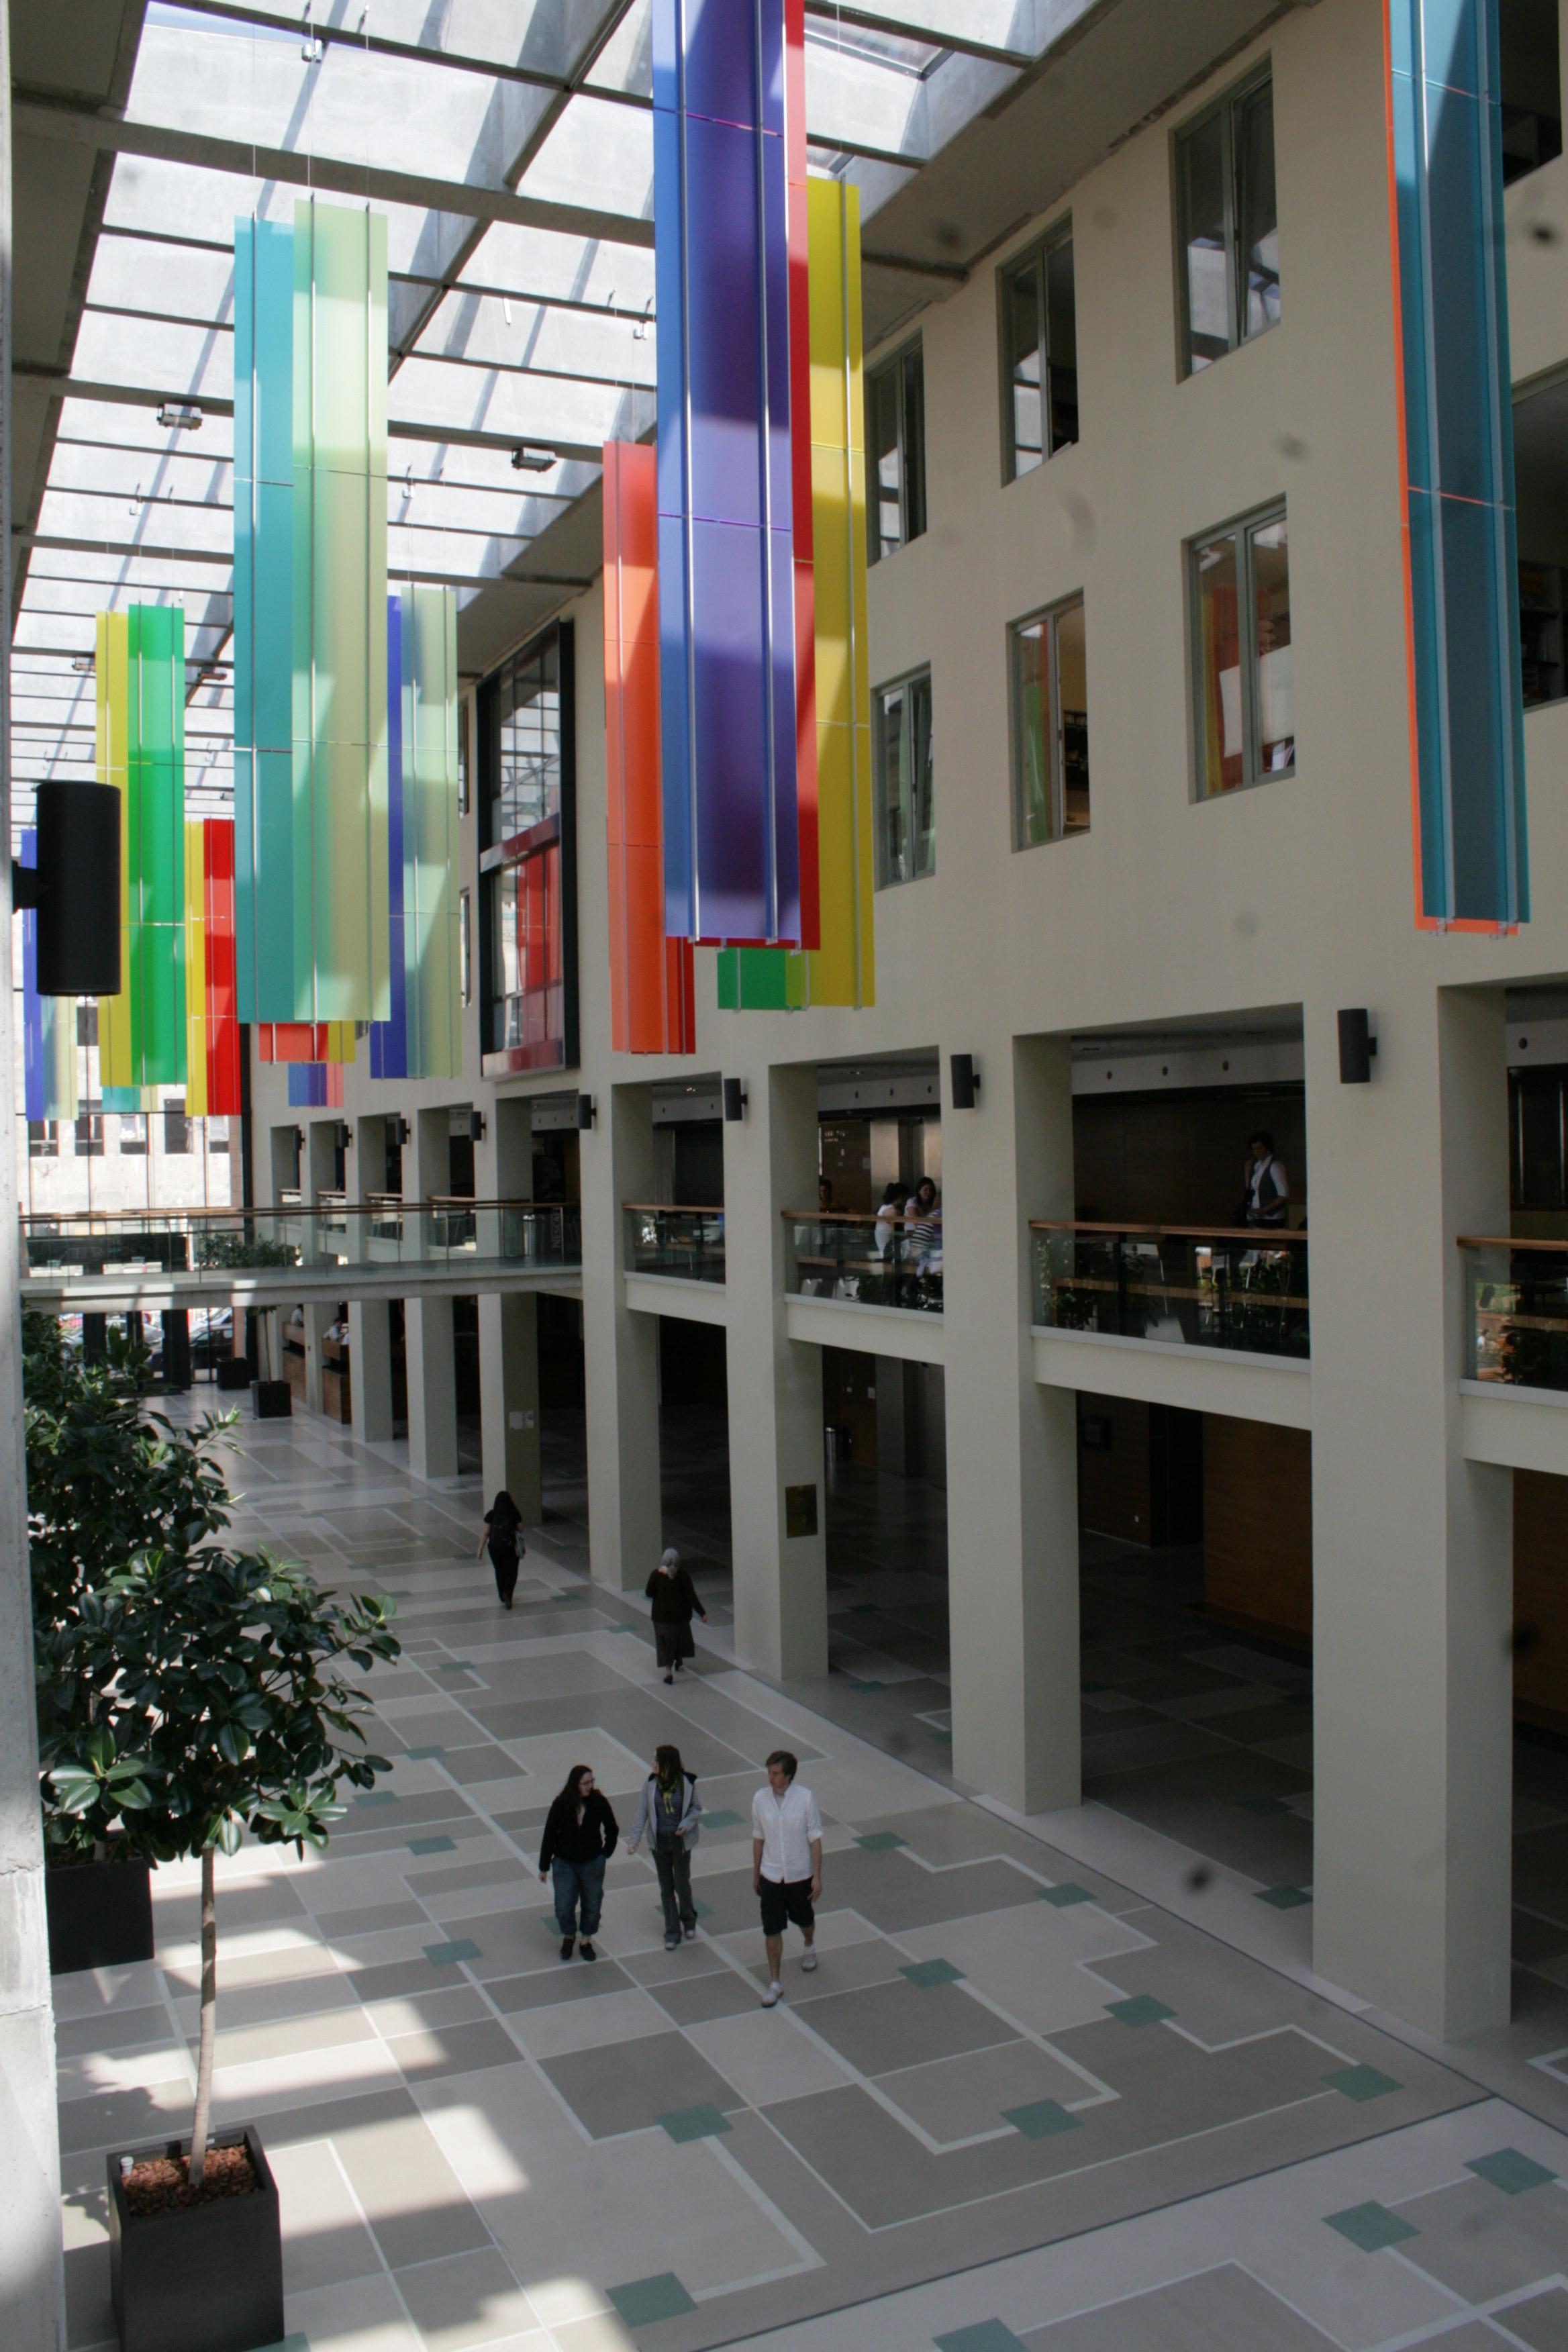 Elméleti Orvostudományi Központ aula fotó: D. Kiss Balázs